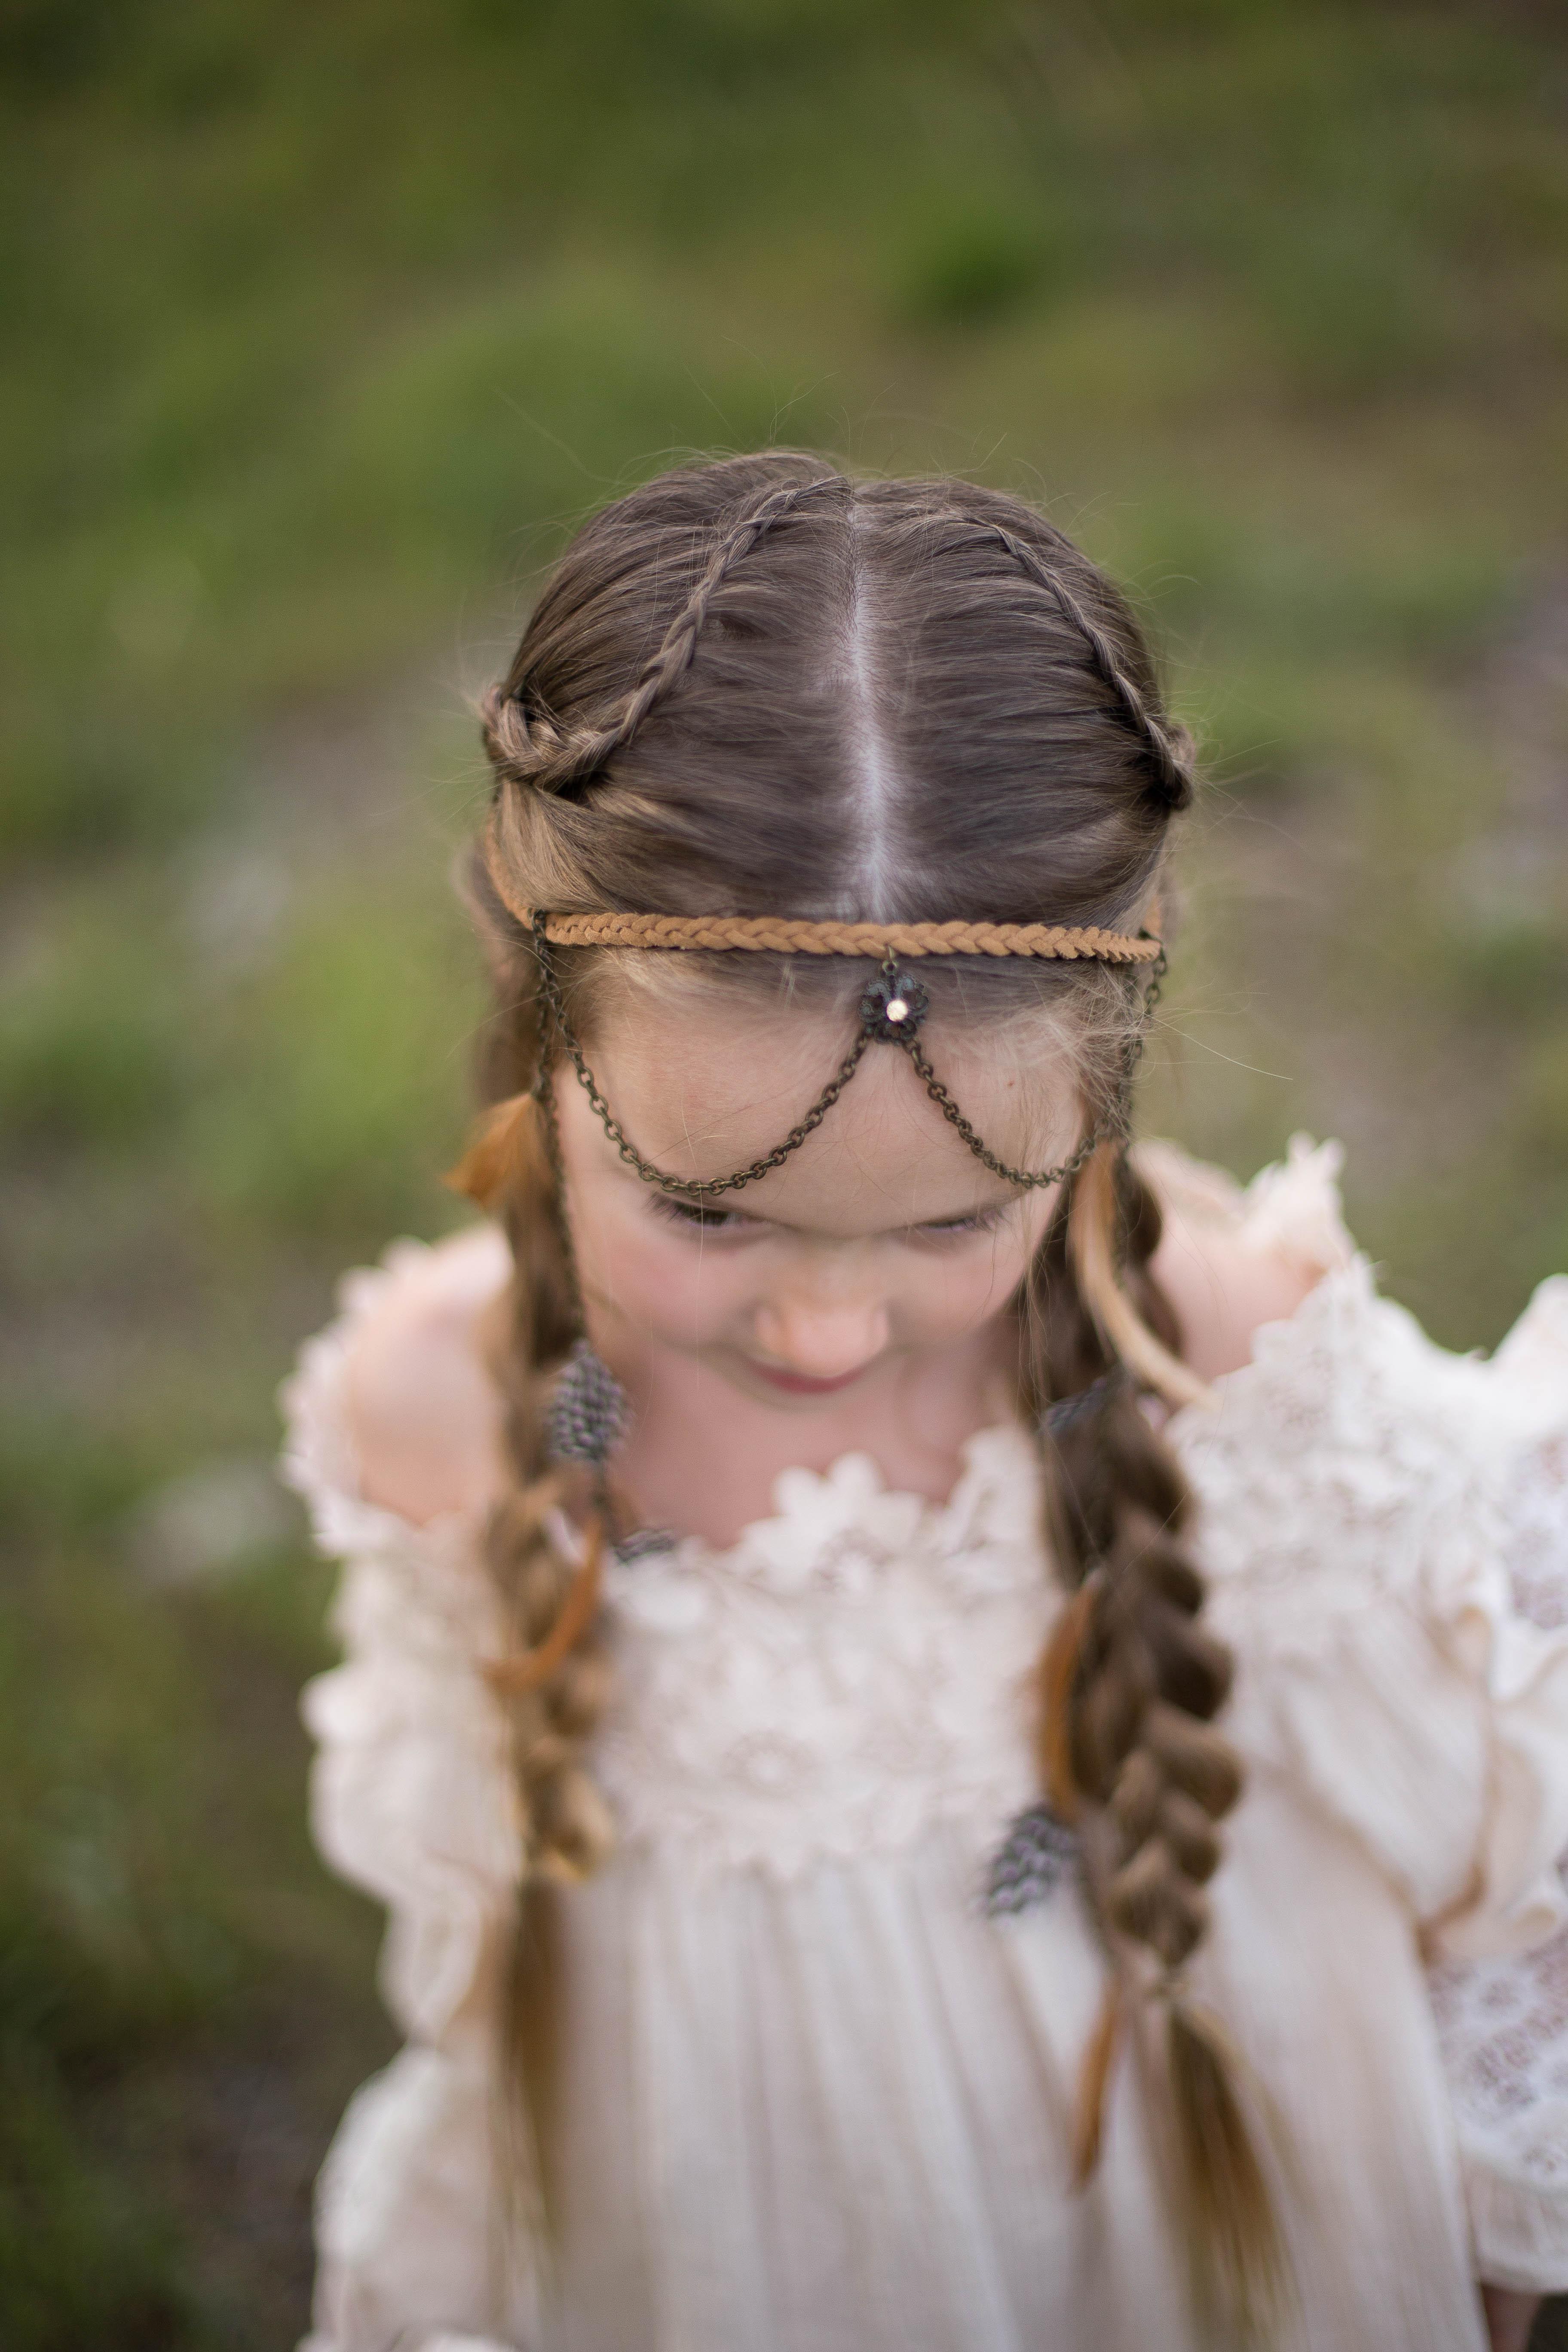 5 Braids for Short Hair - Cute Girls Hairstyles |Pretty Braids For Girls